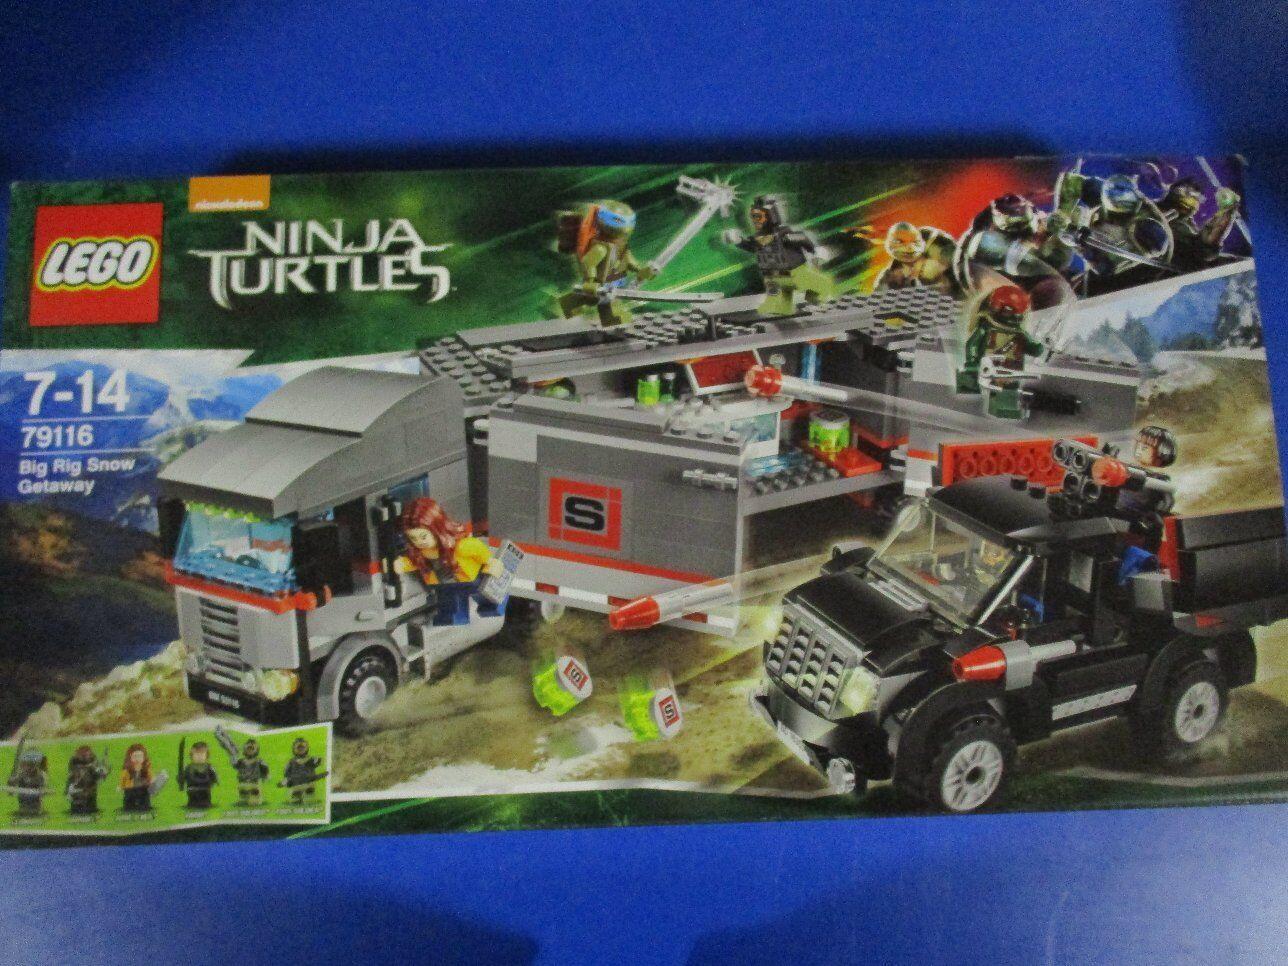 Lego Ninja Turtles 79116 huida con el remolcarse nuevo embalaje original